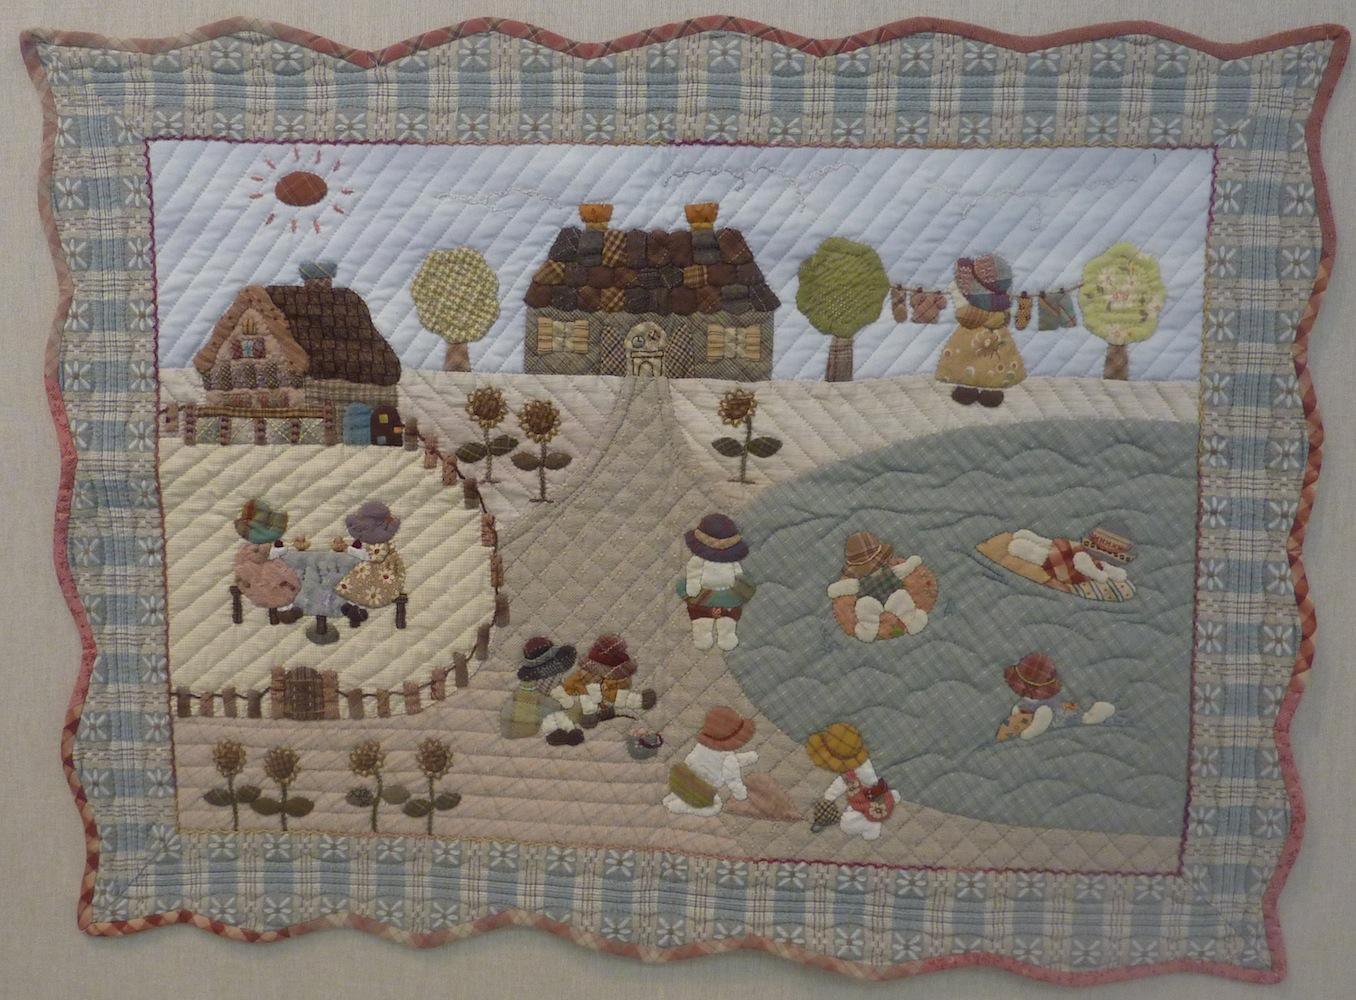 Patchwork y quilting japon s reiko kato on pinterest - Reiko kato patchwork ...